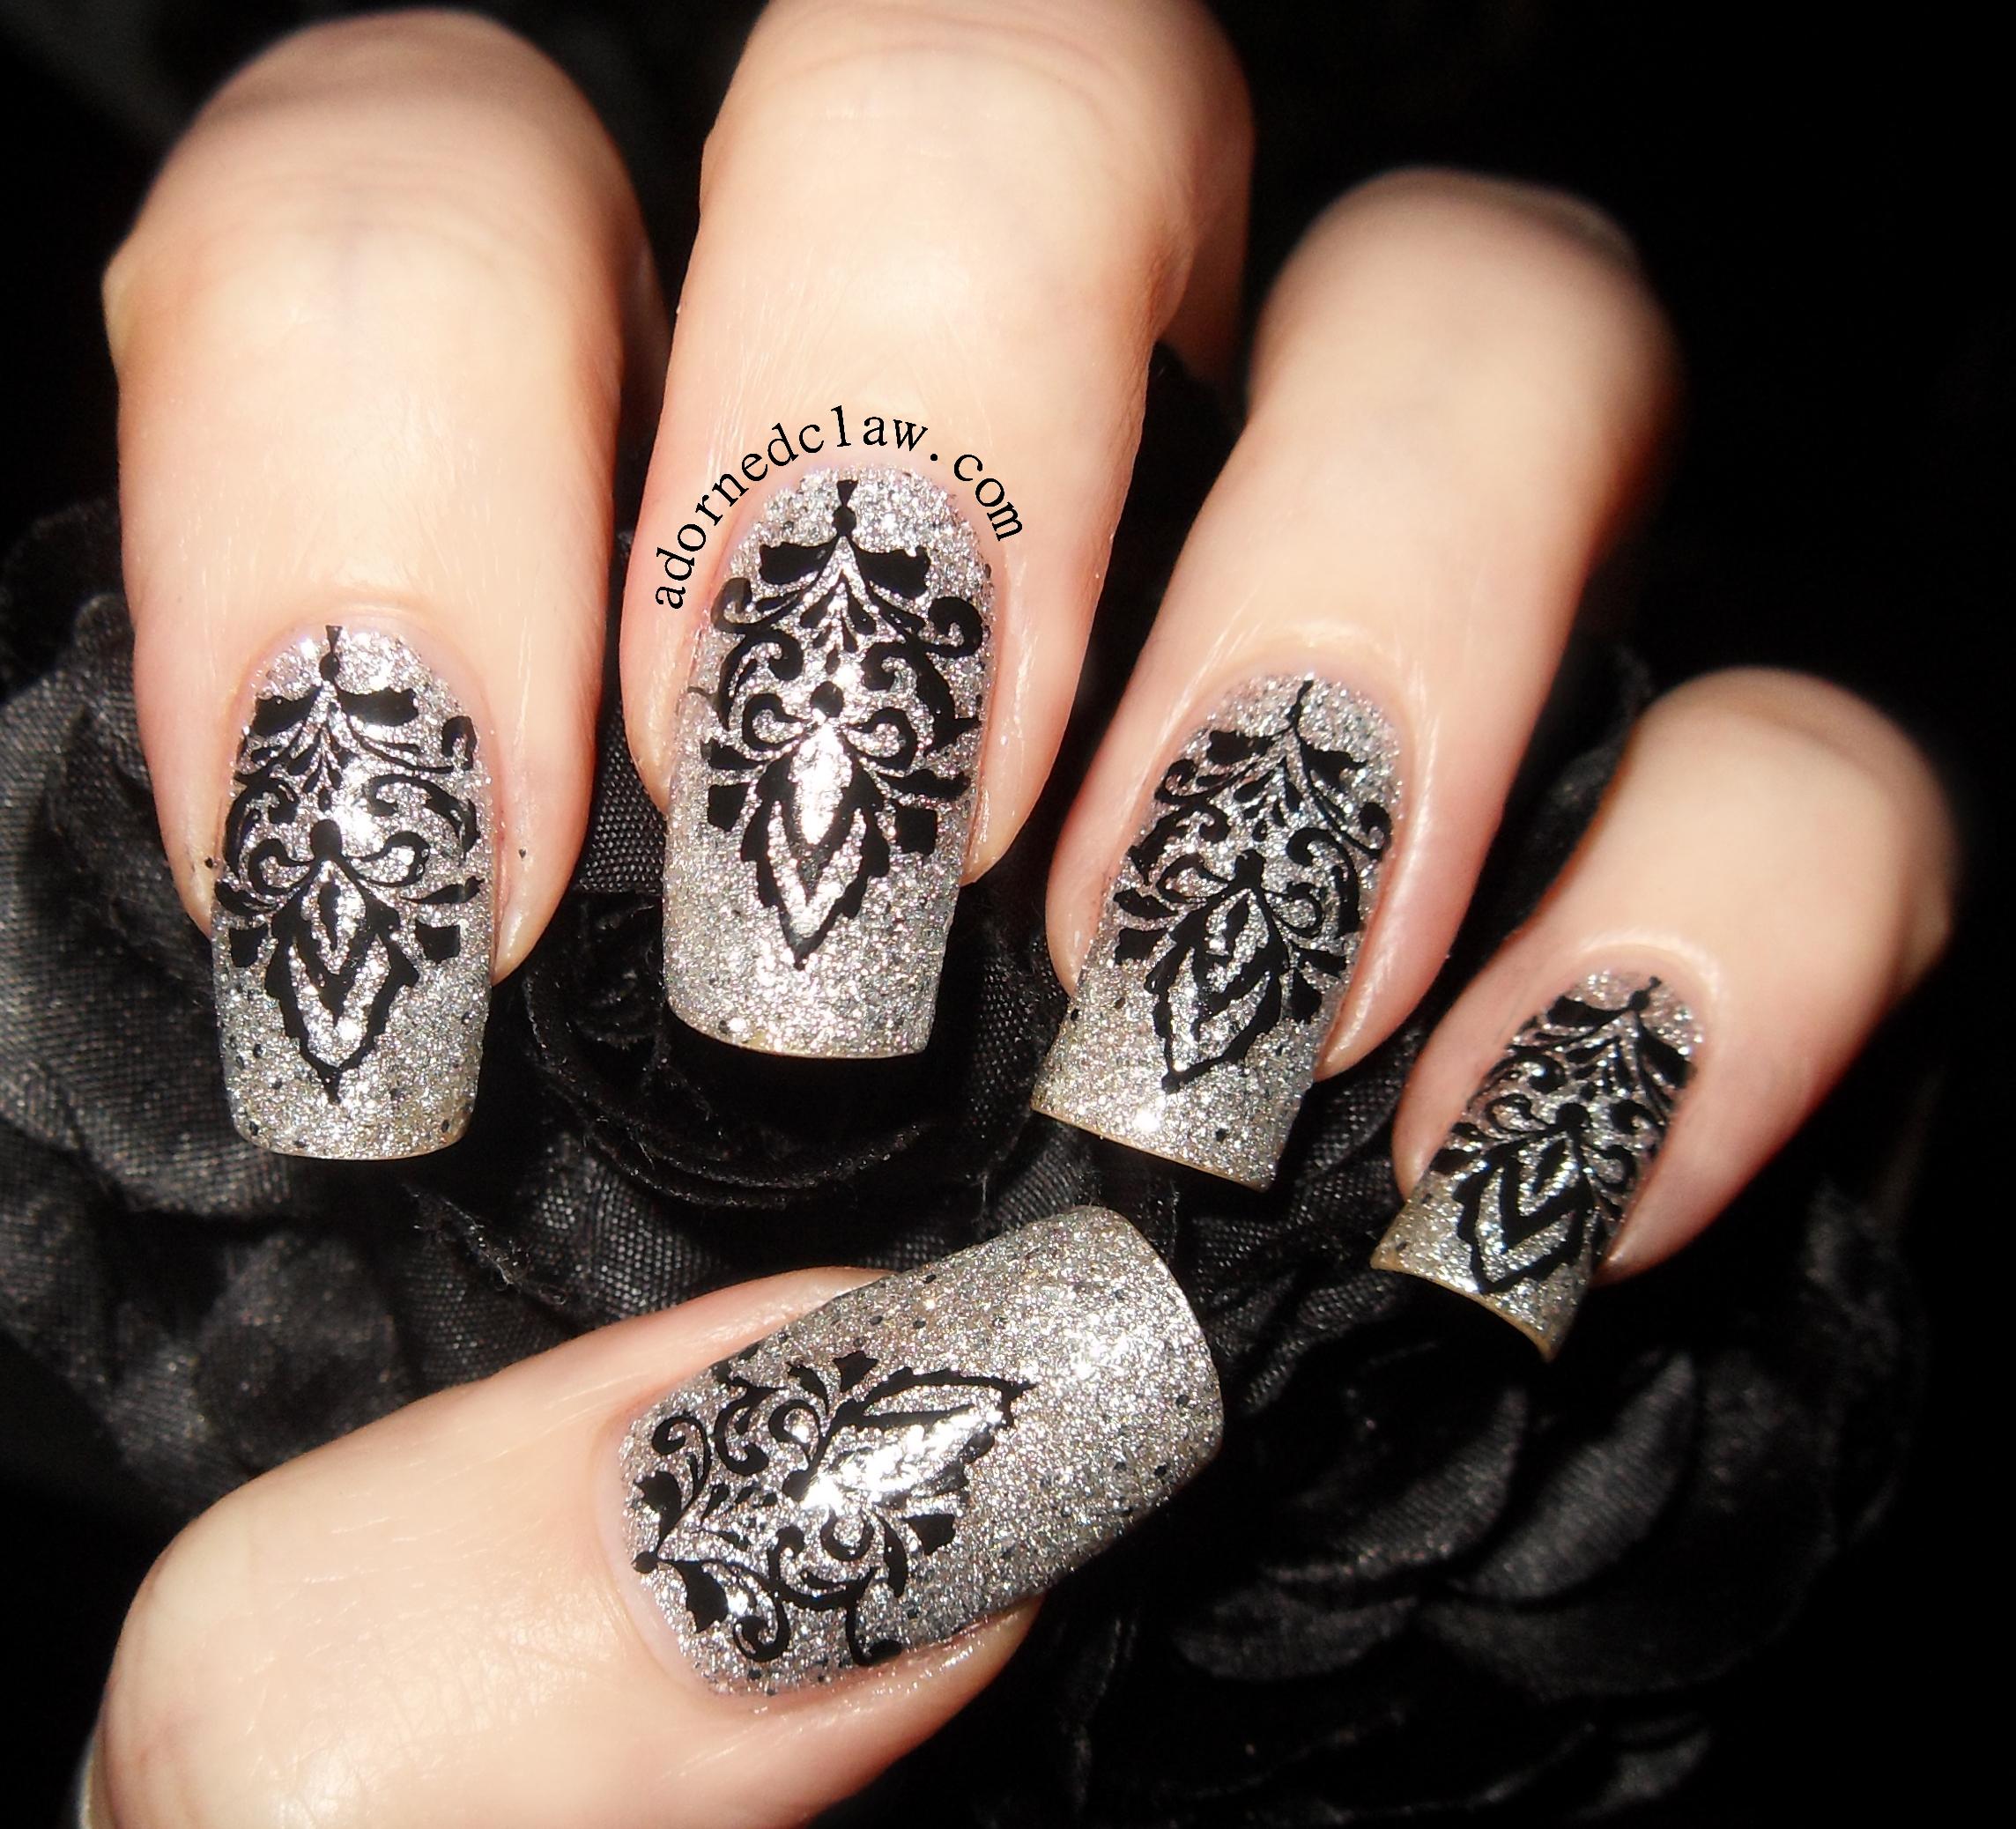 Moyou nail art choice image nail art and nail design ideas how to use moyou nail art images nail art and nail design ideas moyou nail art prinsesfo Choice Image